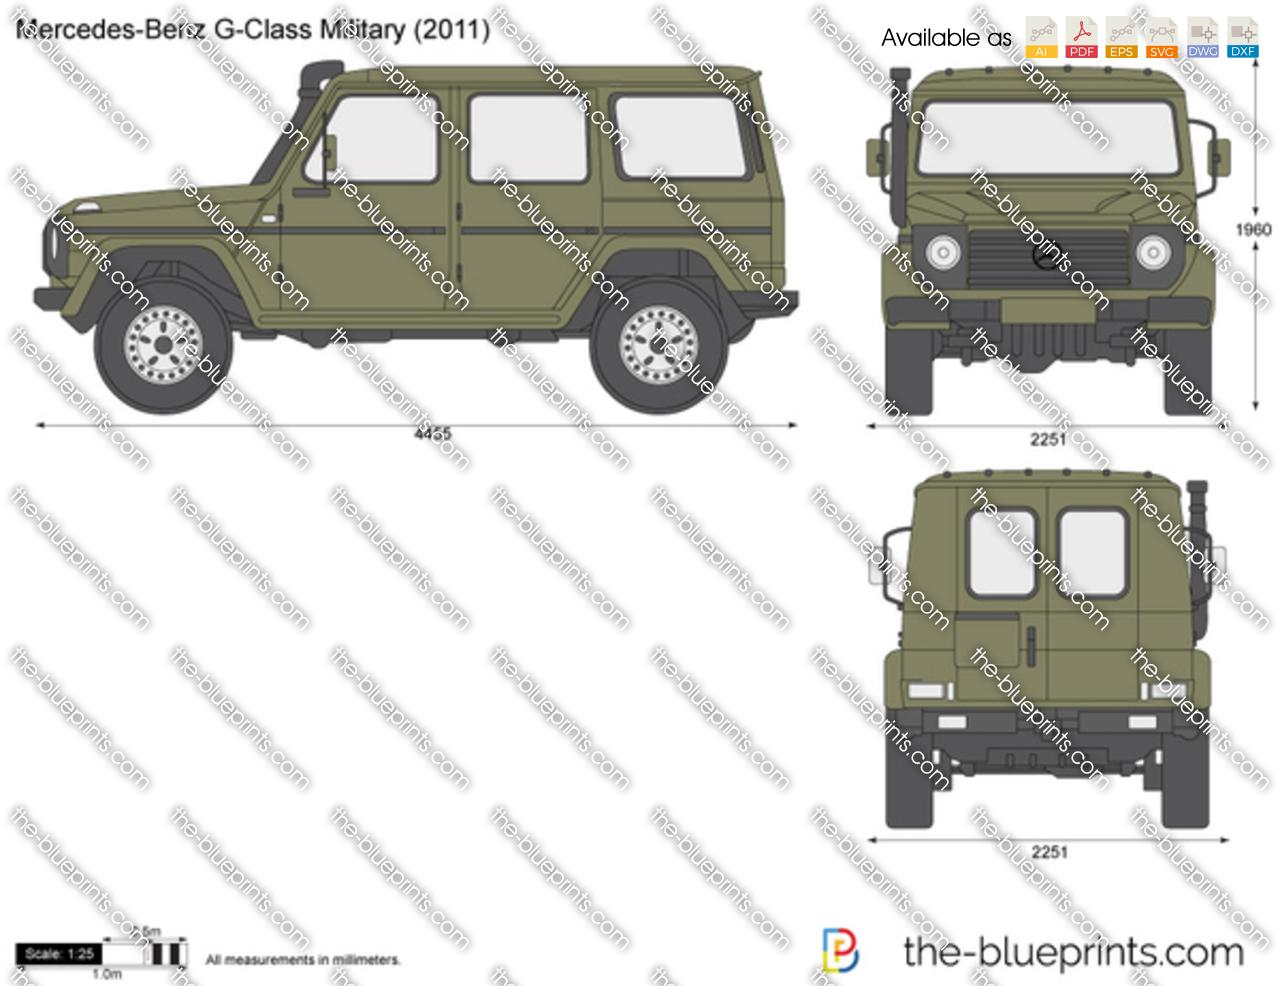 Mercedes-Benz G-Class Military 461 2015